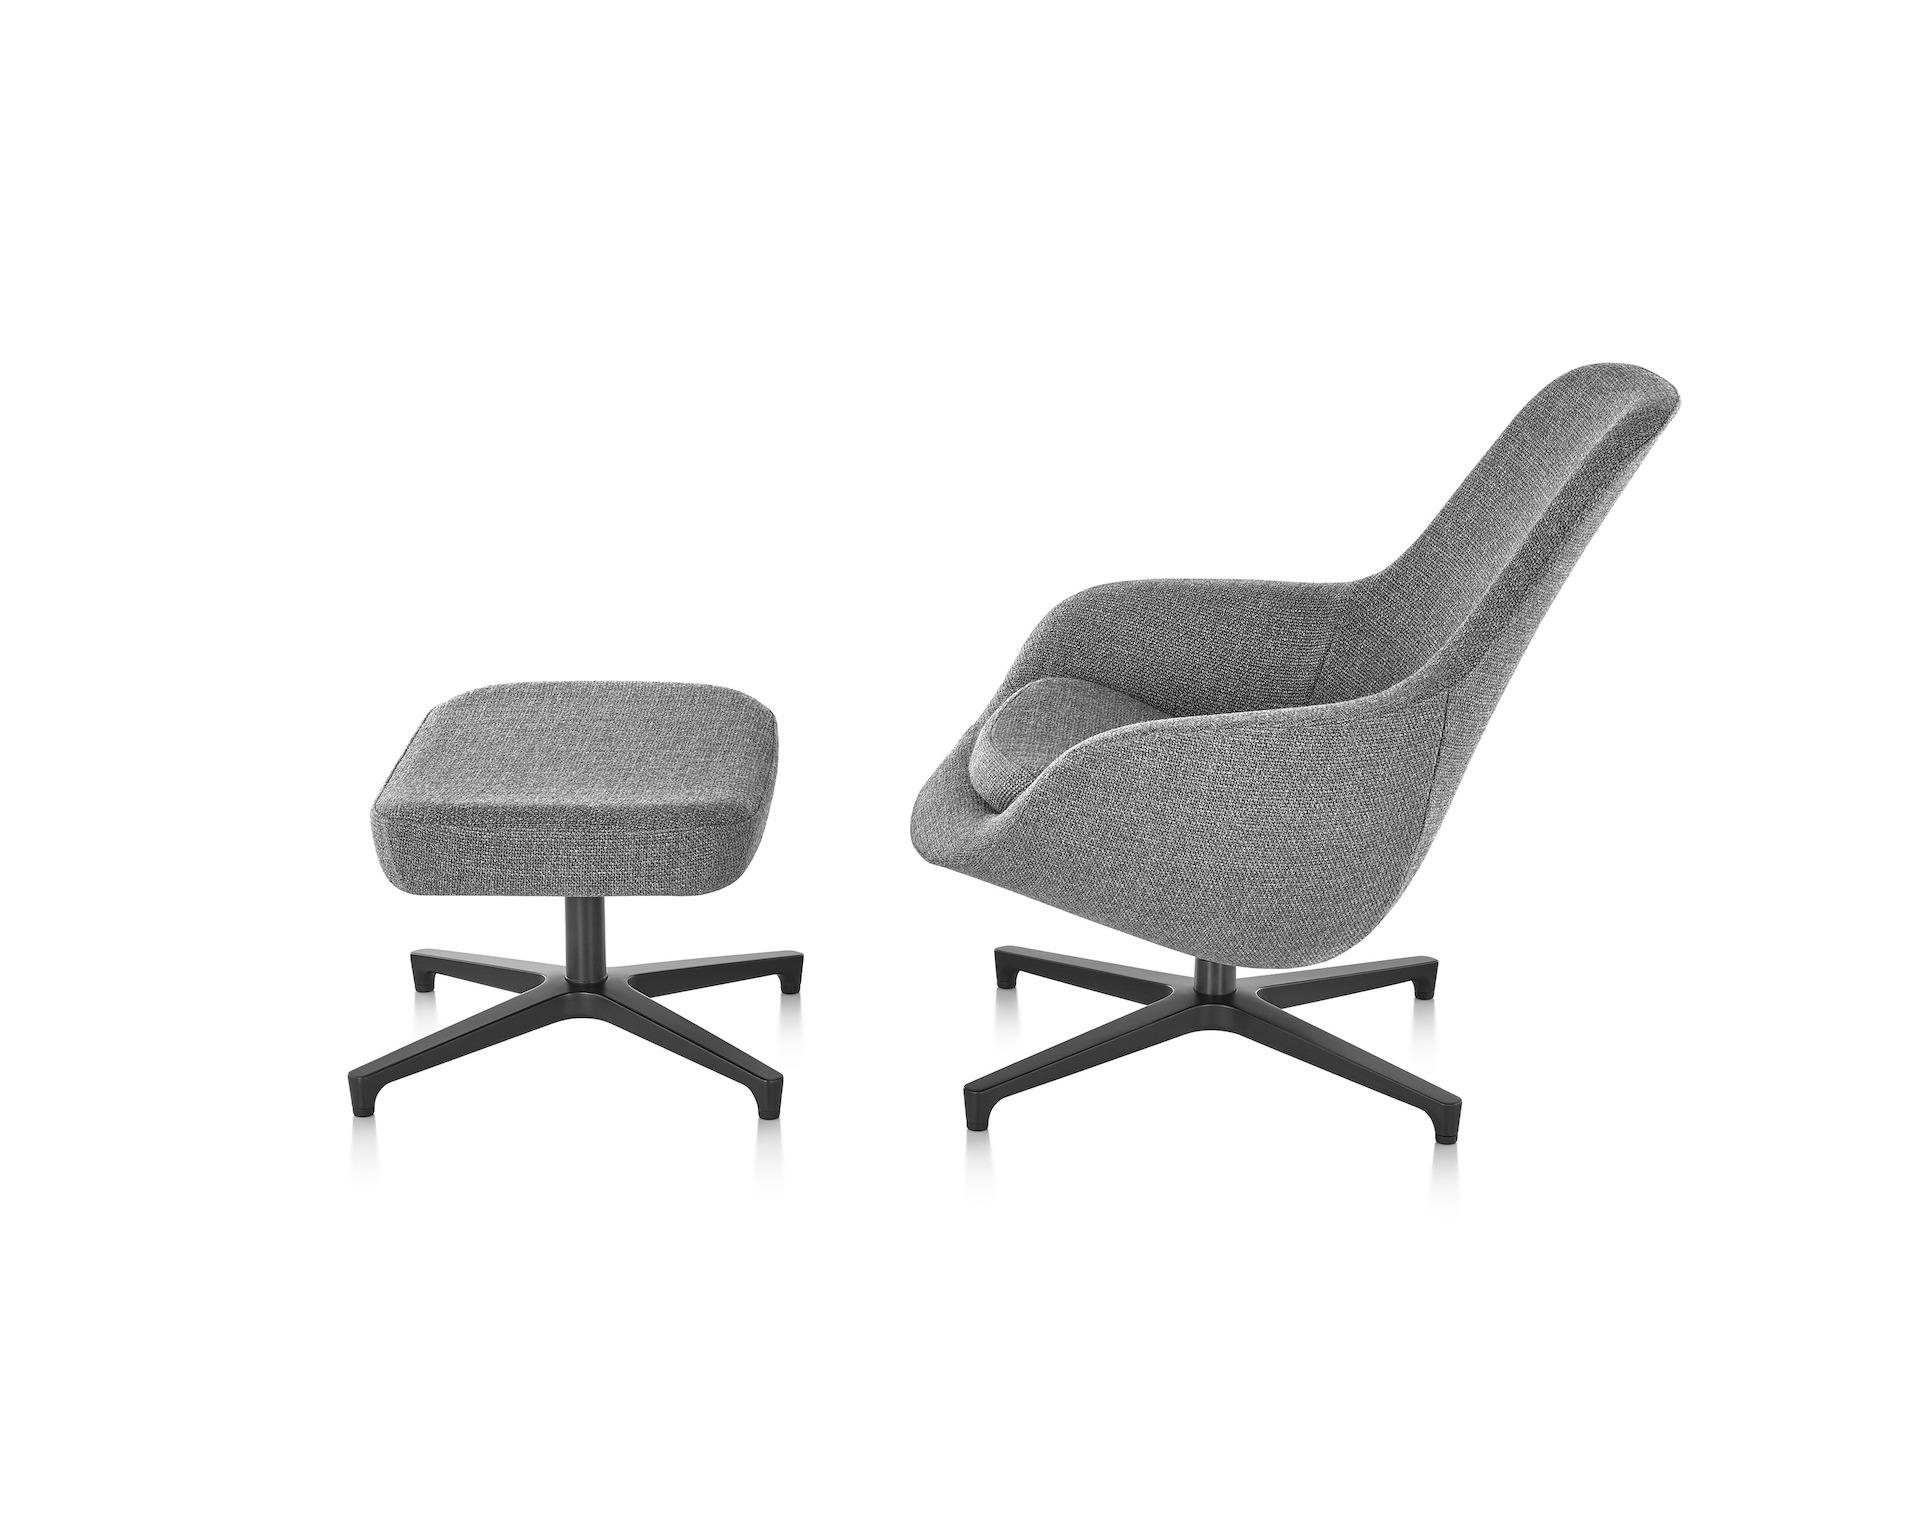 Saiba Lounge Chair And Ottoman